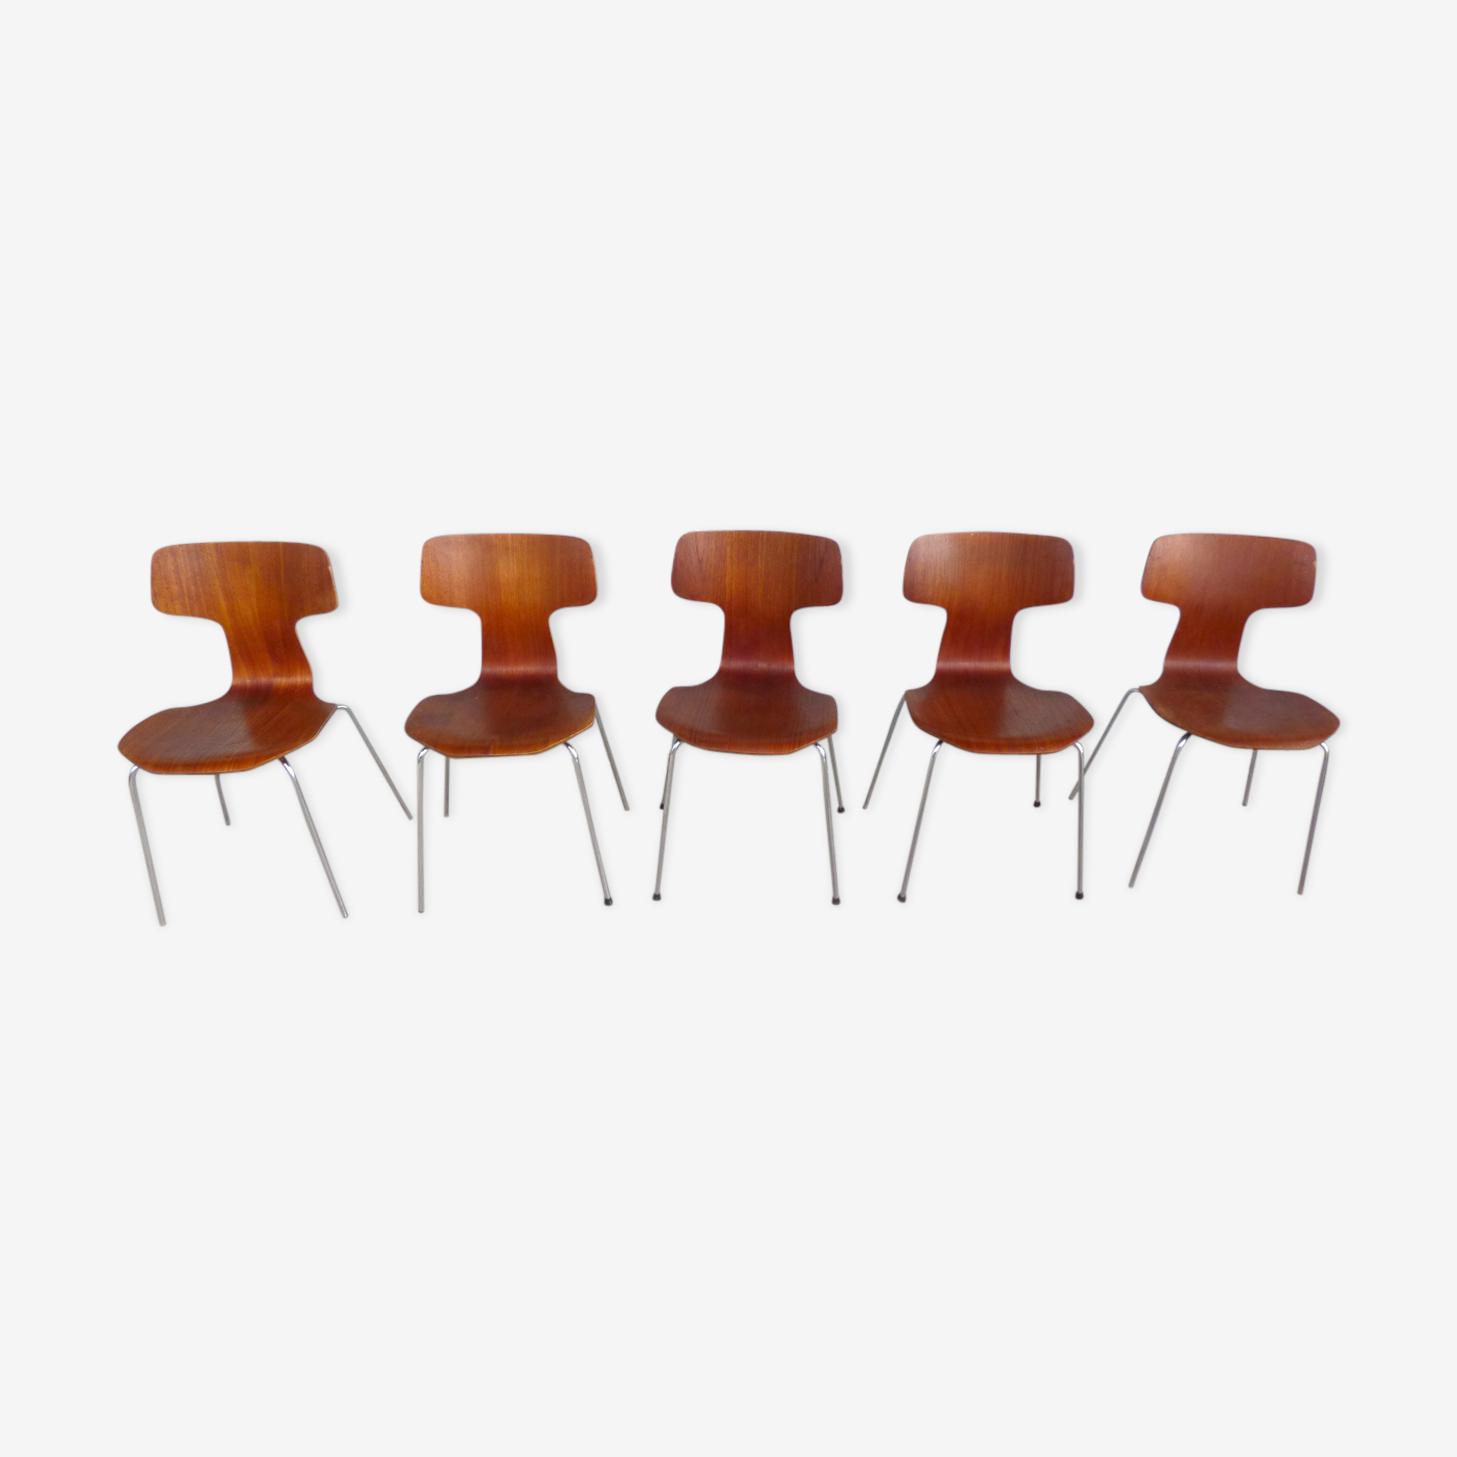 Série de 5 chaises marteau Arne Jacobsen pour Fritz Hansen